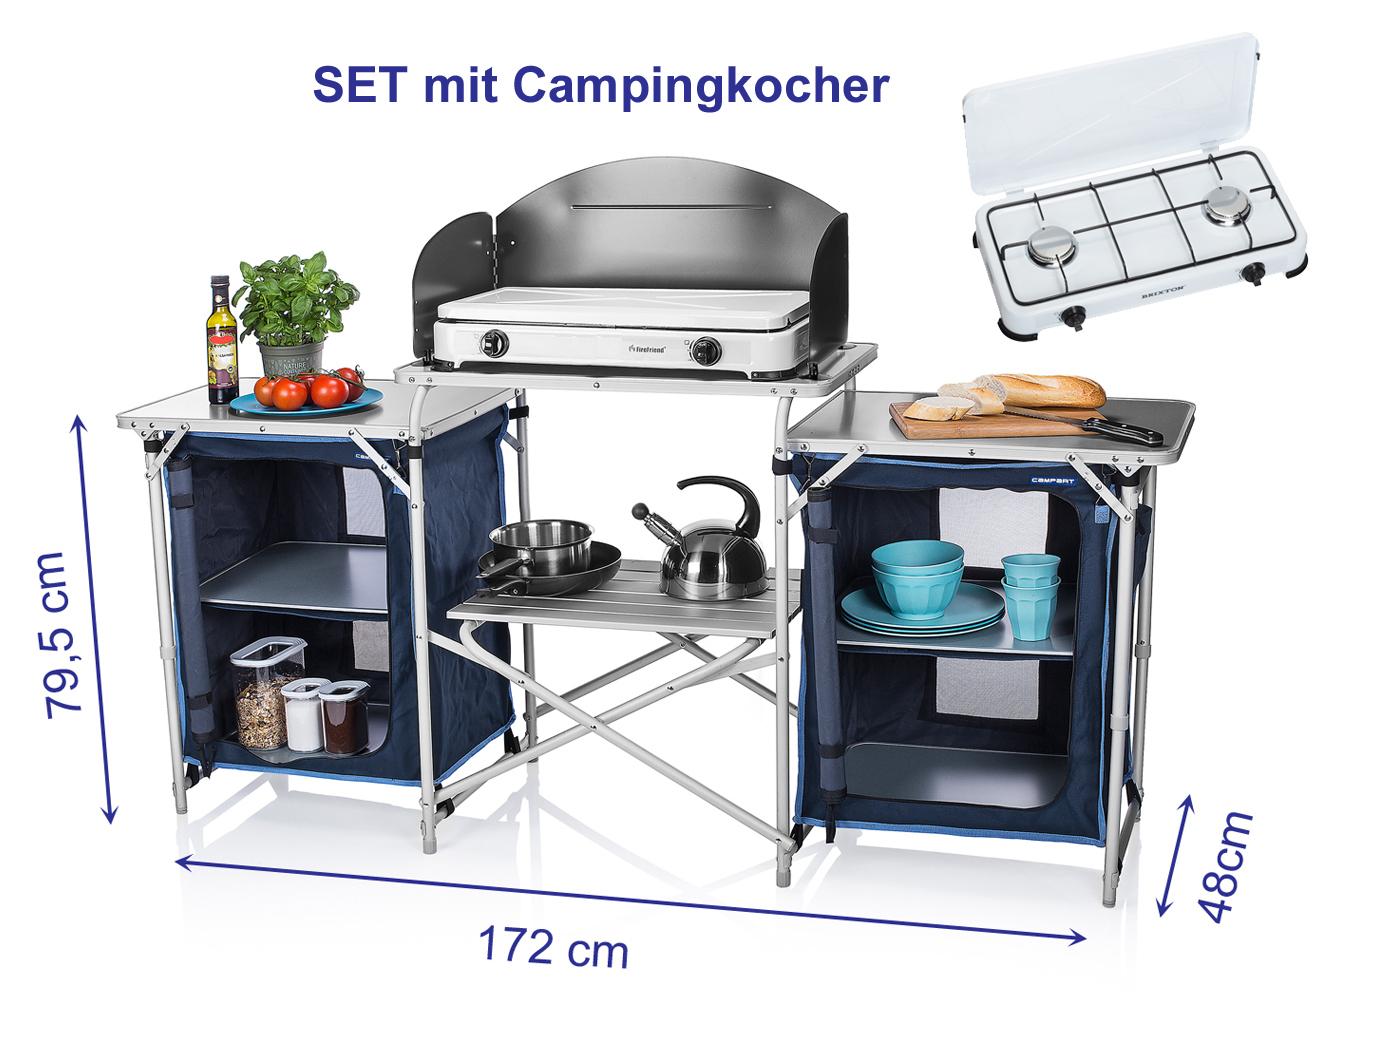 Xxl campingk che faltbar set mit gaskocher outdoor camping for Kuchenschrank outdoor